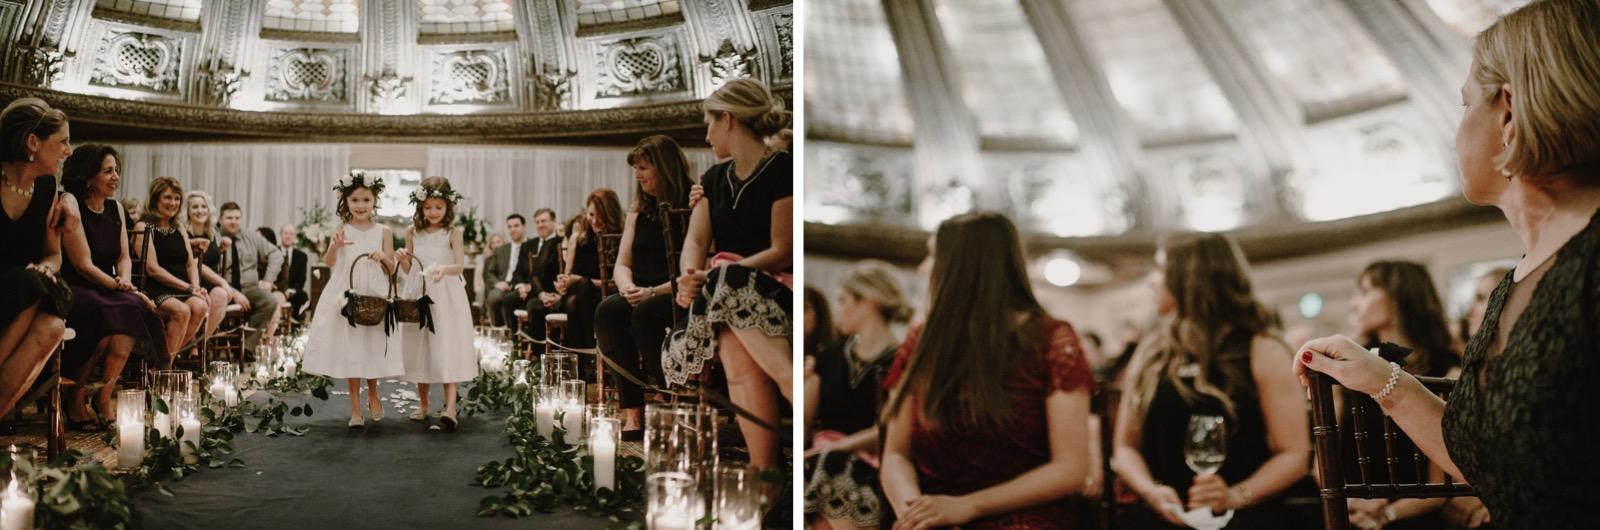 079_Arctic_Club_Wedding_Seattle_151_Arctic_Club_Wedding_Seattle_152.jpg